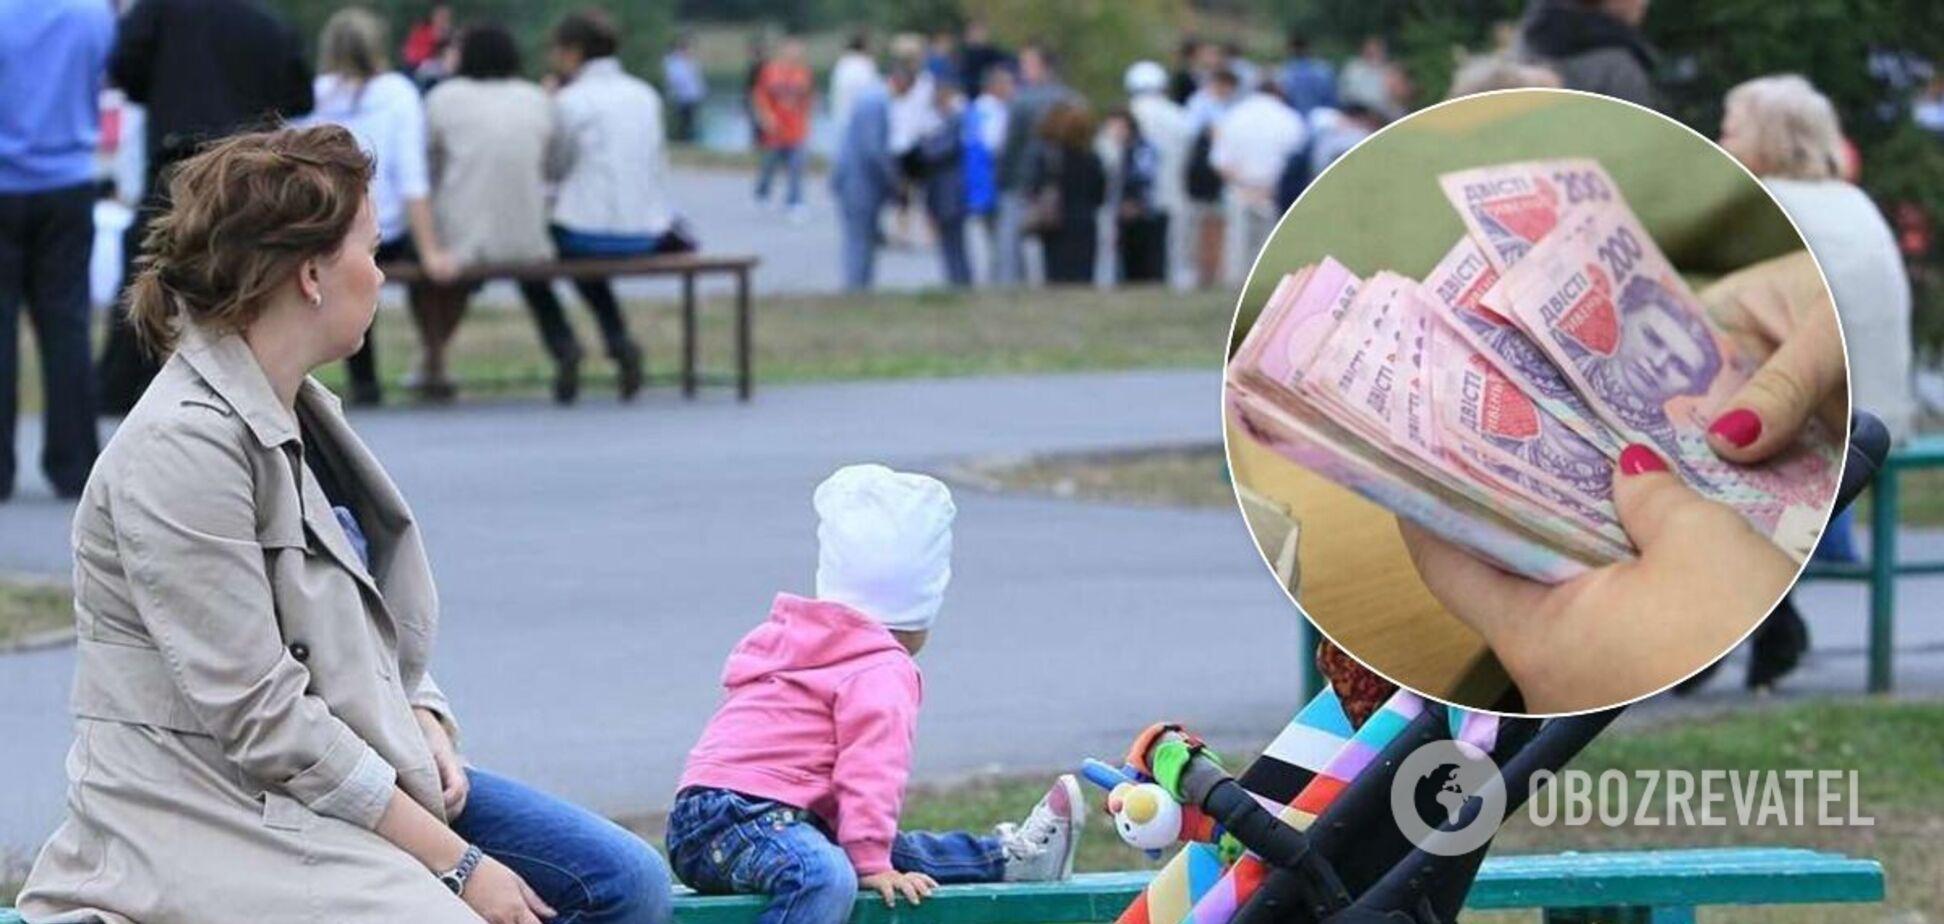 У матерів-одиначок почали вимагати назад виплачену допомогу: українці розгнівані. Фотофакт